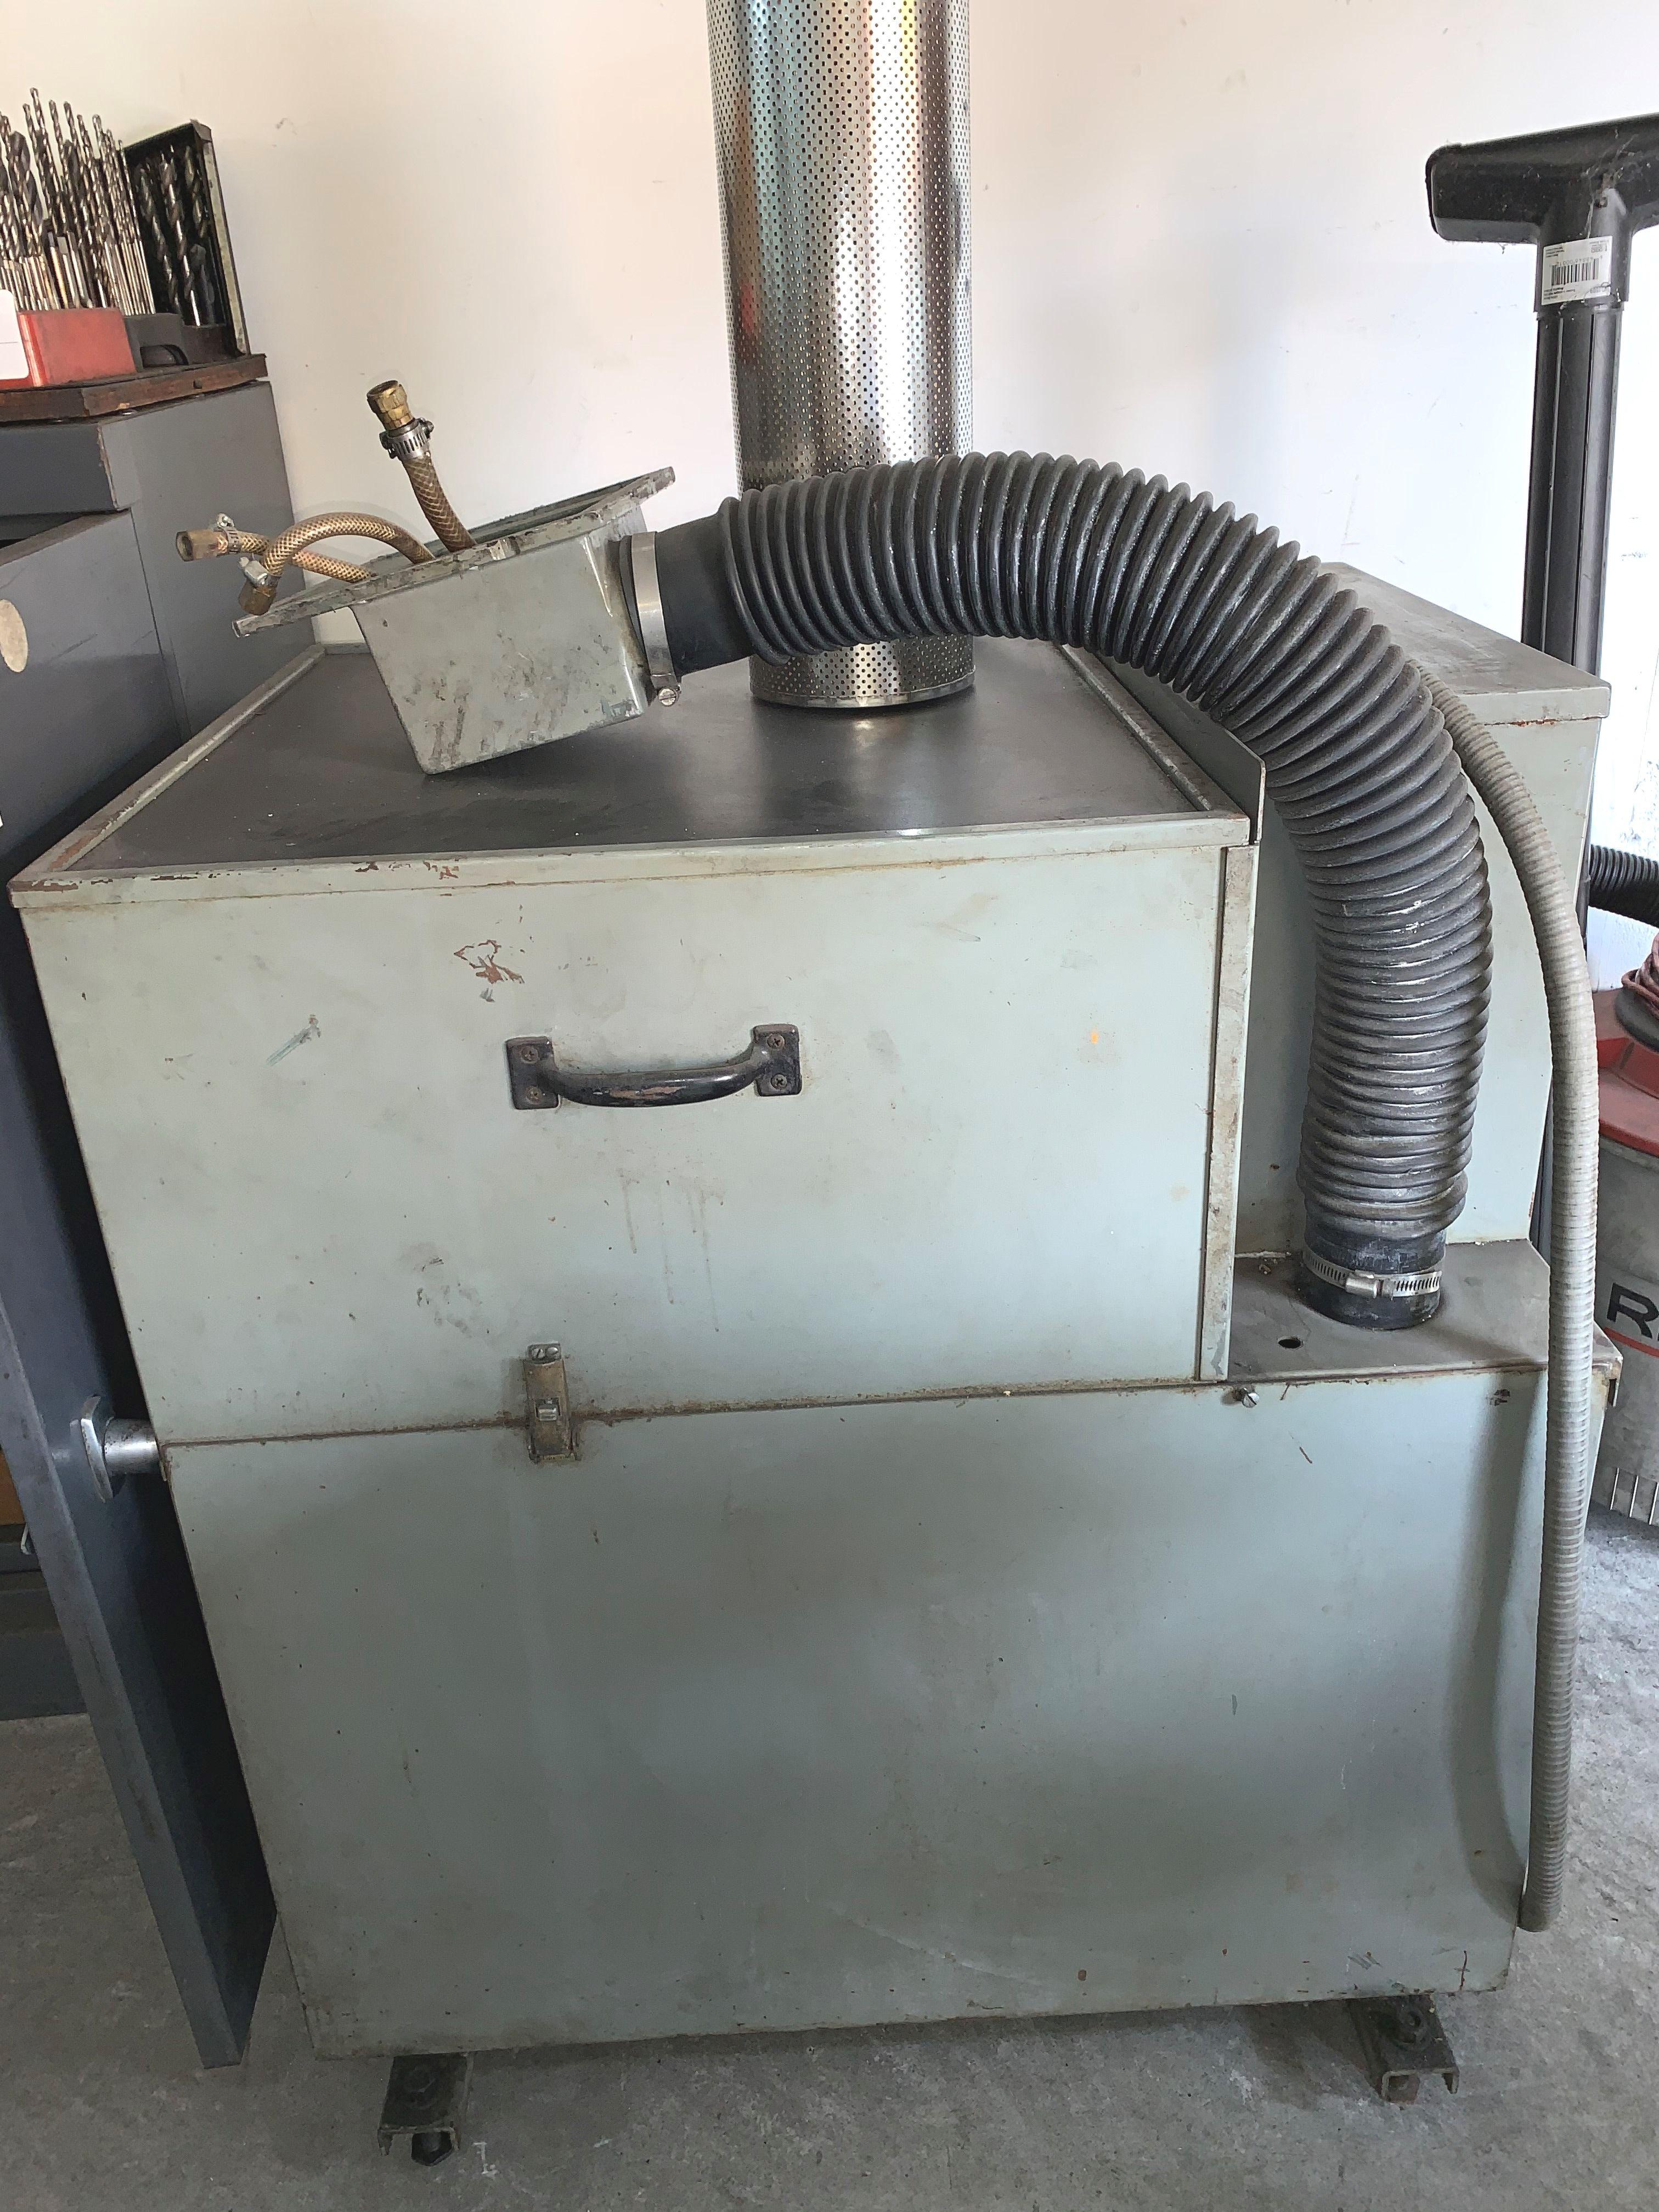 Eltee Pulsitron EDM Machine, E.P. 30, Serial # 0919, Vacuum & Extra Filters - Image 2 of 2